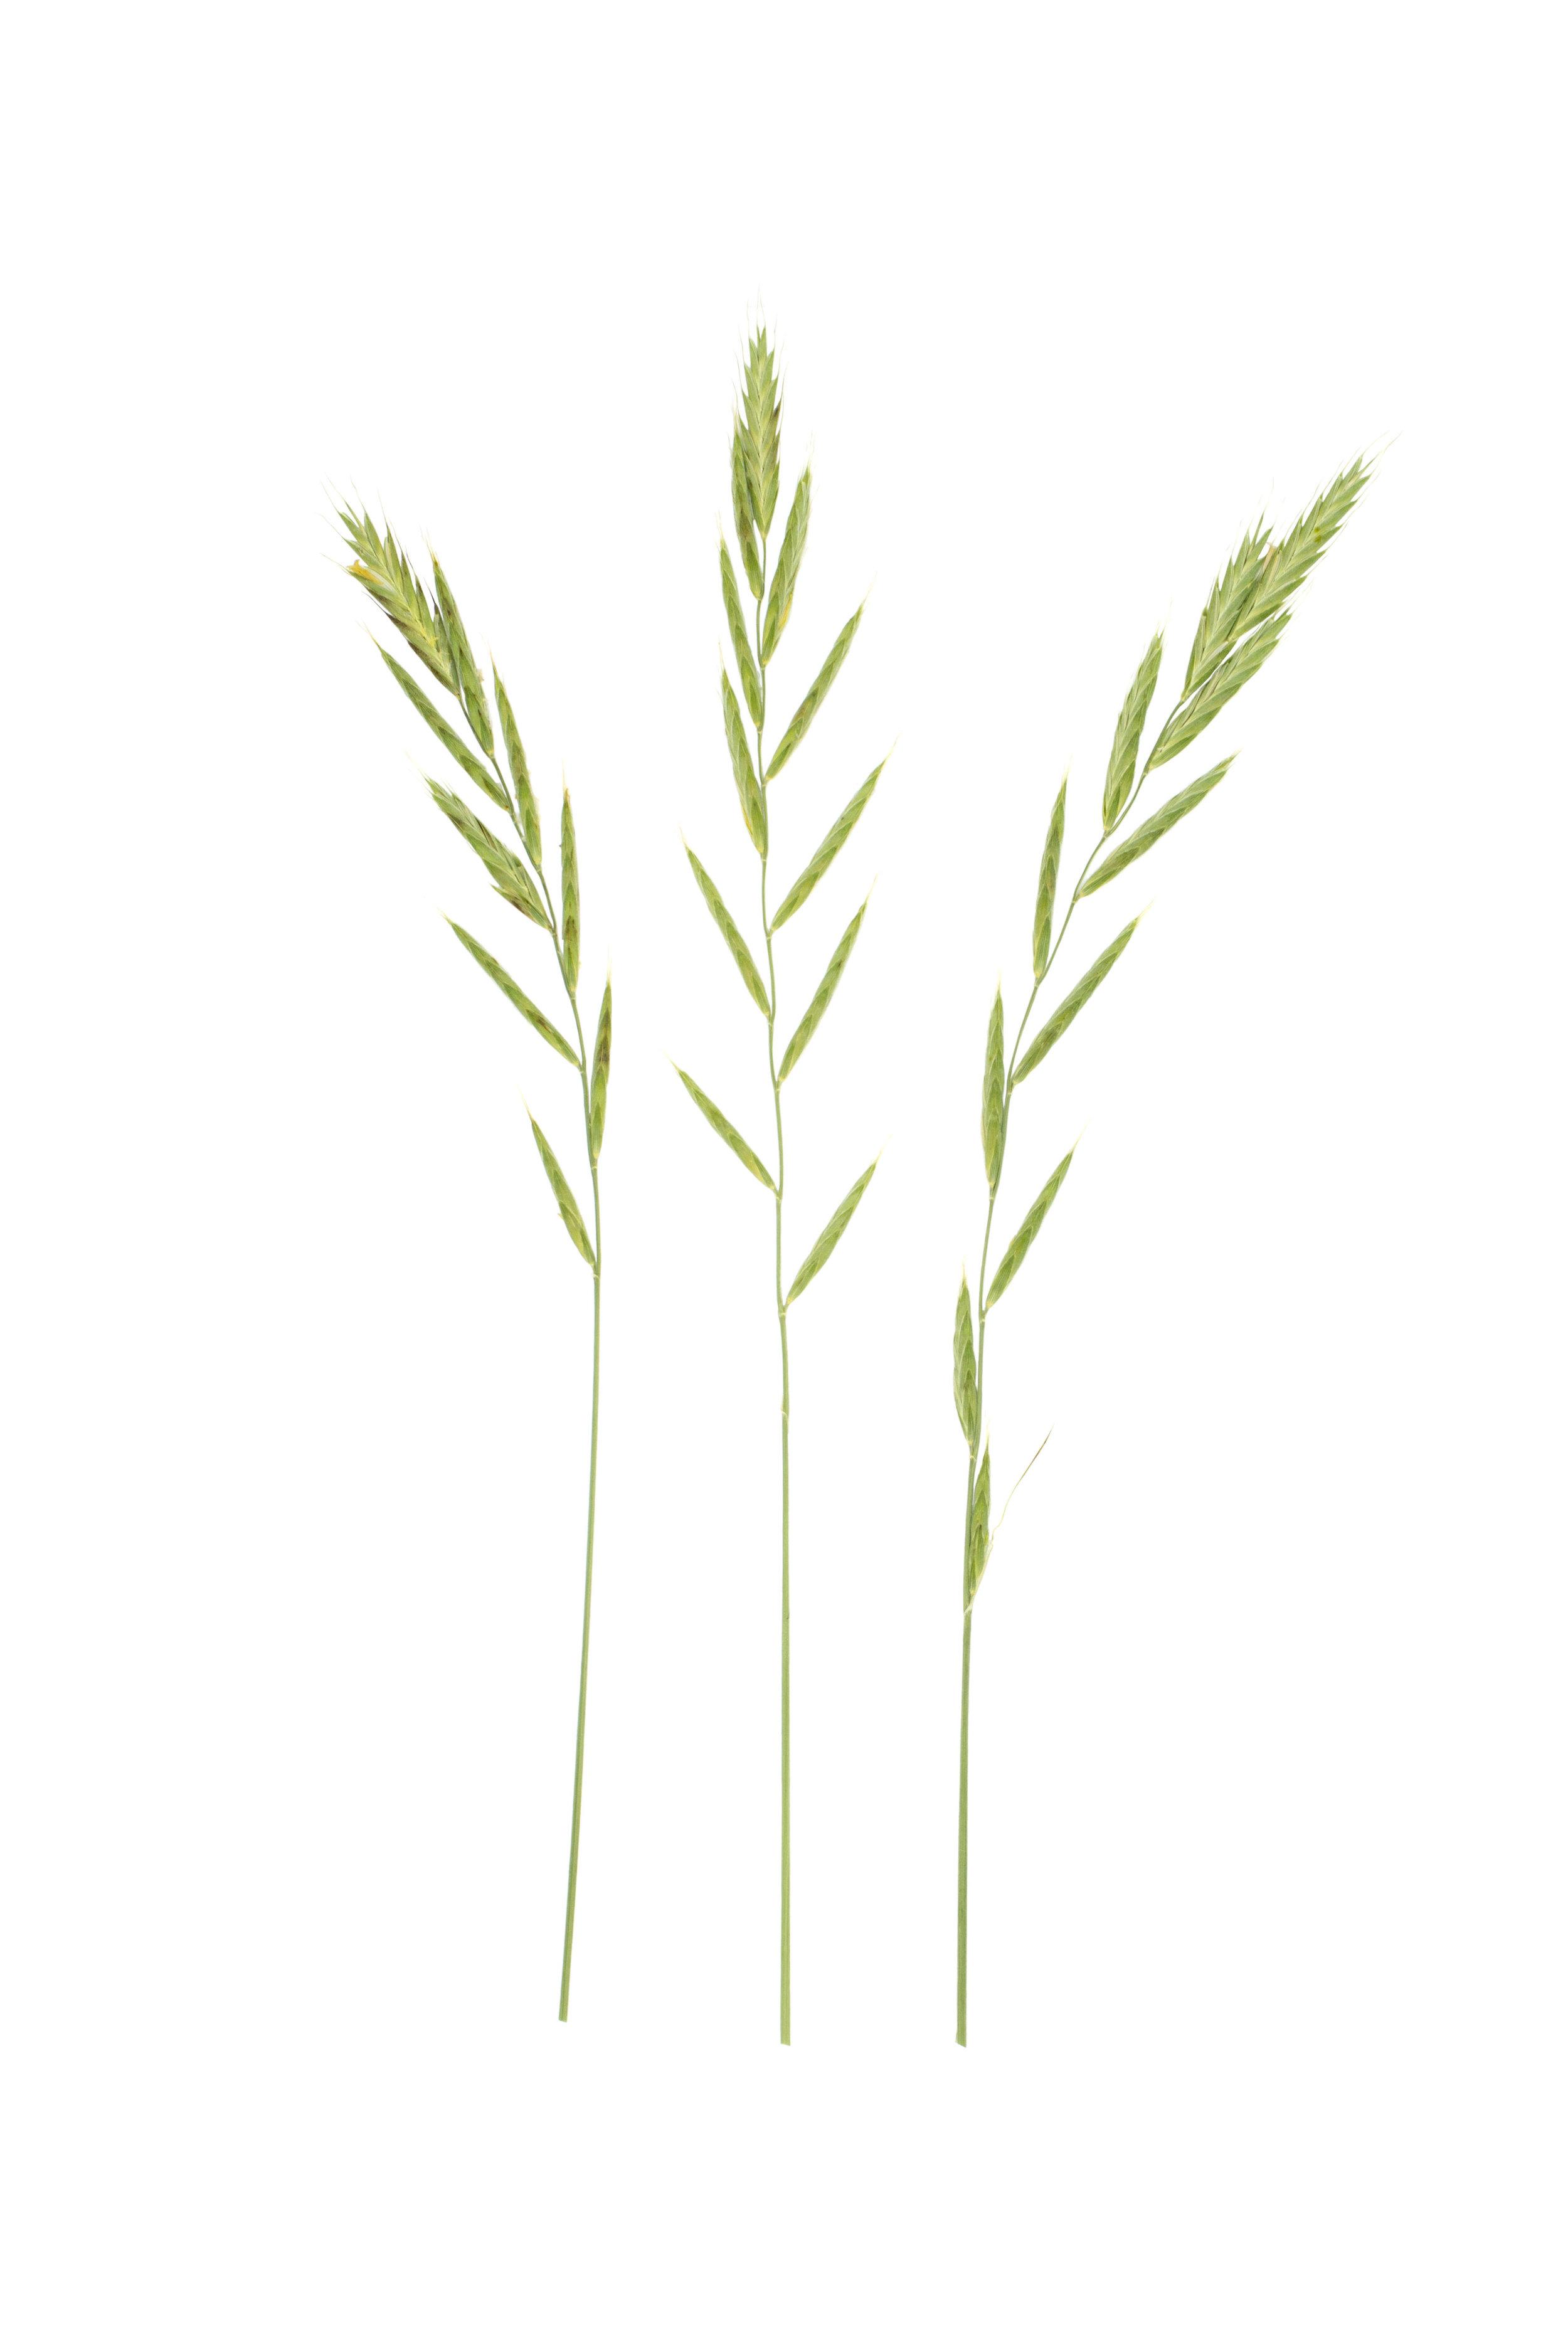 Heath False Brome / Brachypodium pinnatum